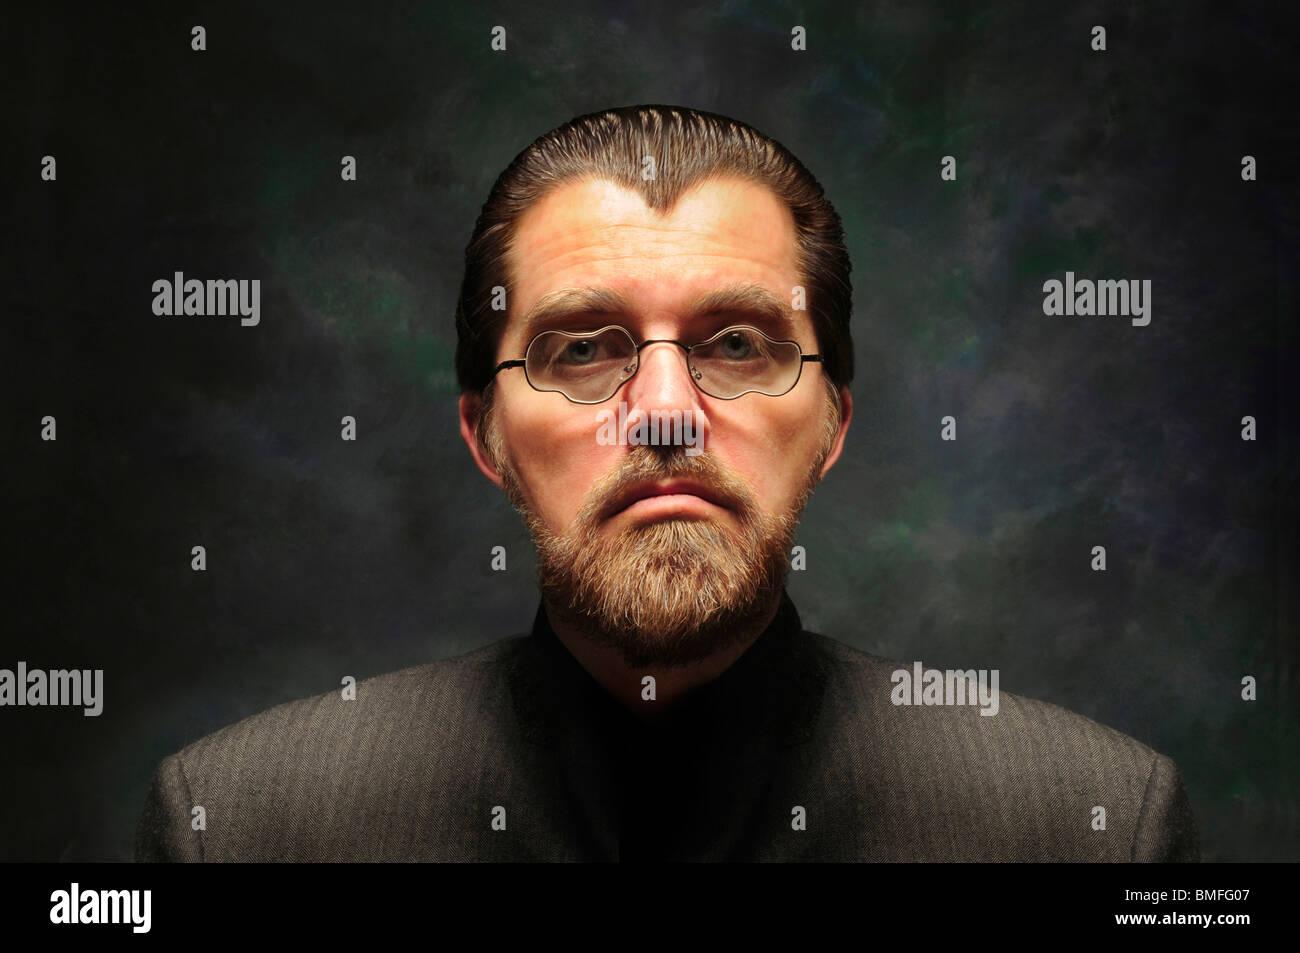 Orwellschen Charakter mit verzerrten unförmige Brille und Bart vor einem dunklen Hintergrund Stockbild